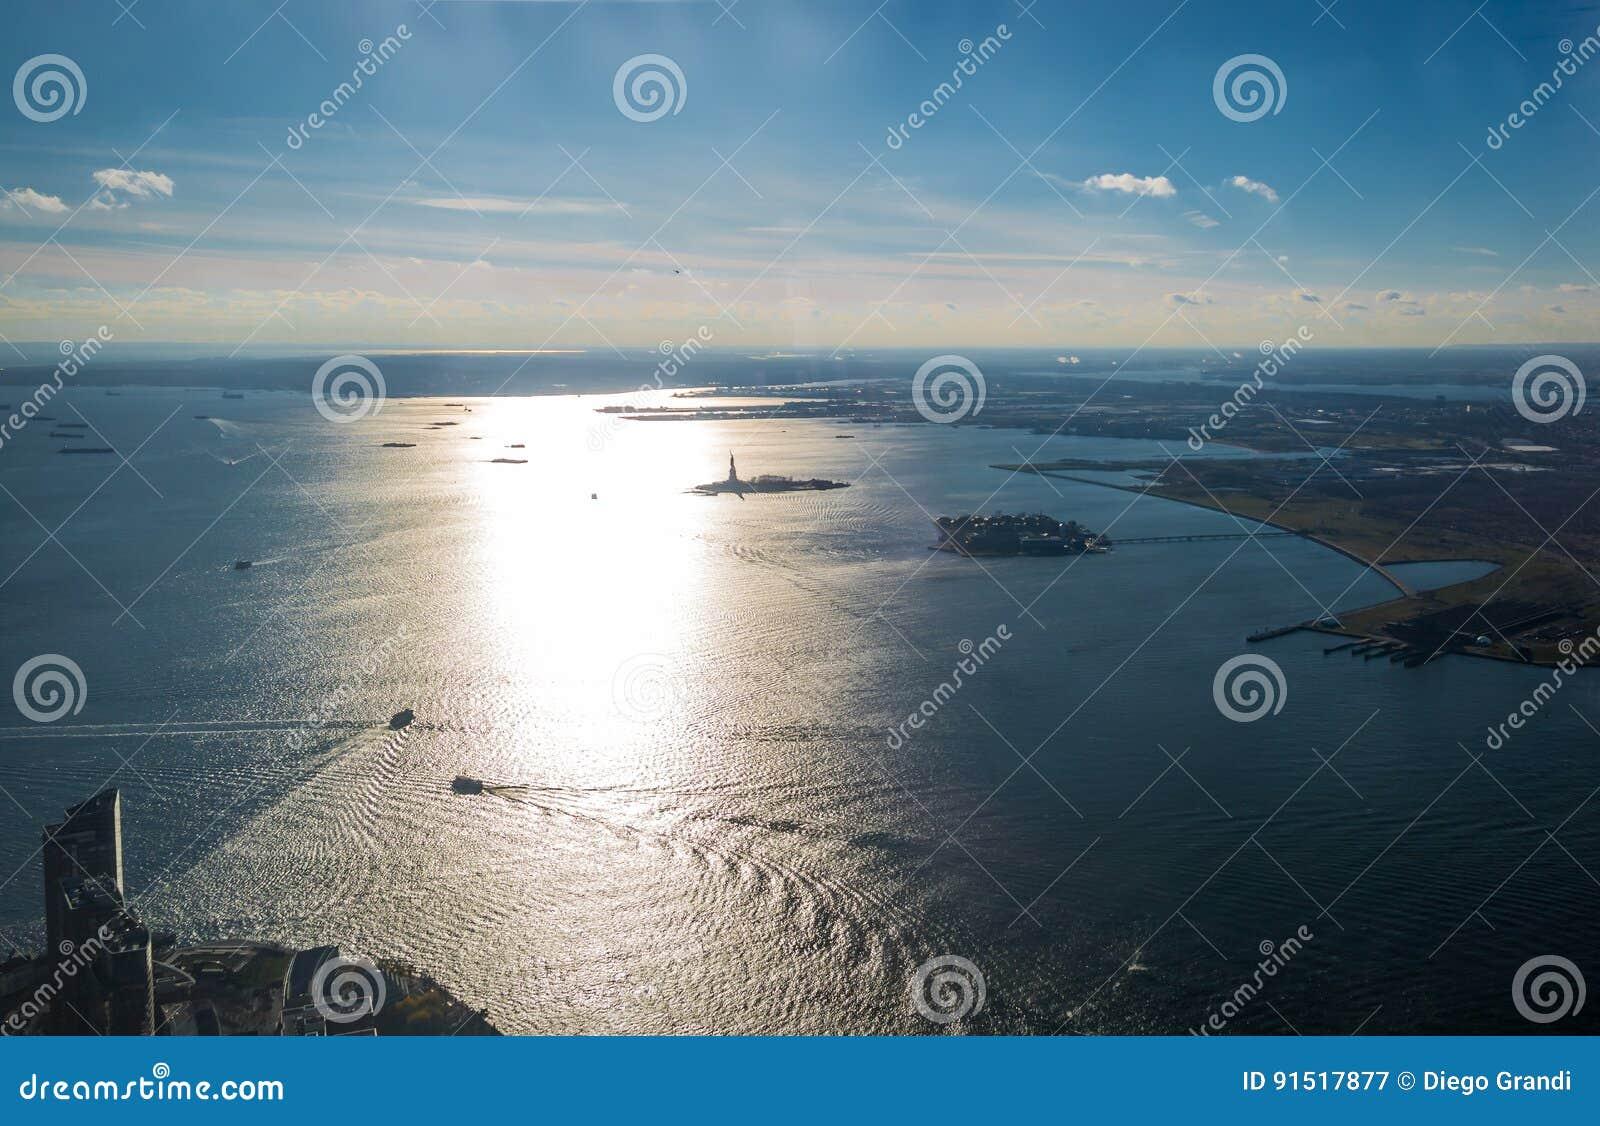 Вид с воздуха верхнего залива Нью-Йорка с островом свободы и статуей свободы - Нью-Йорком, США